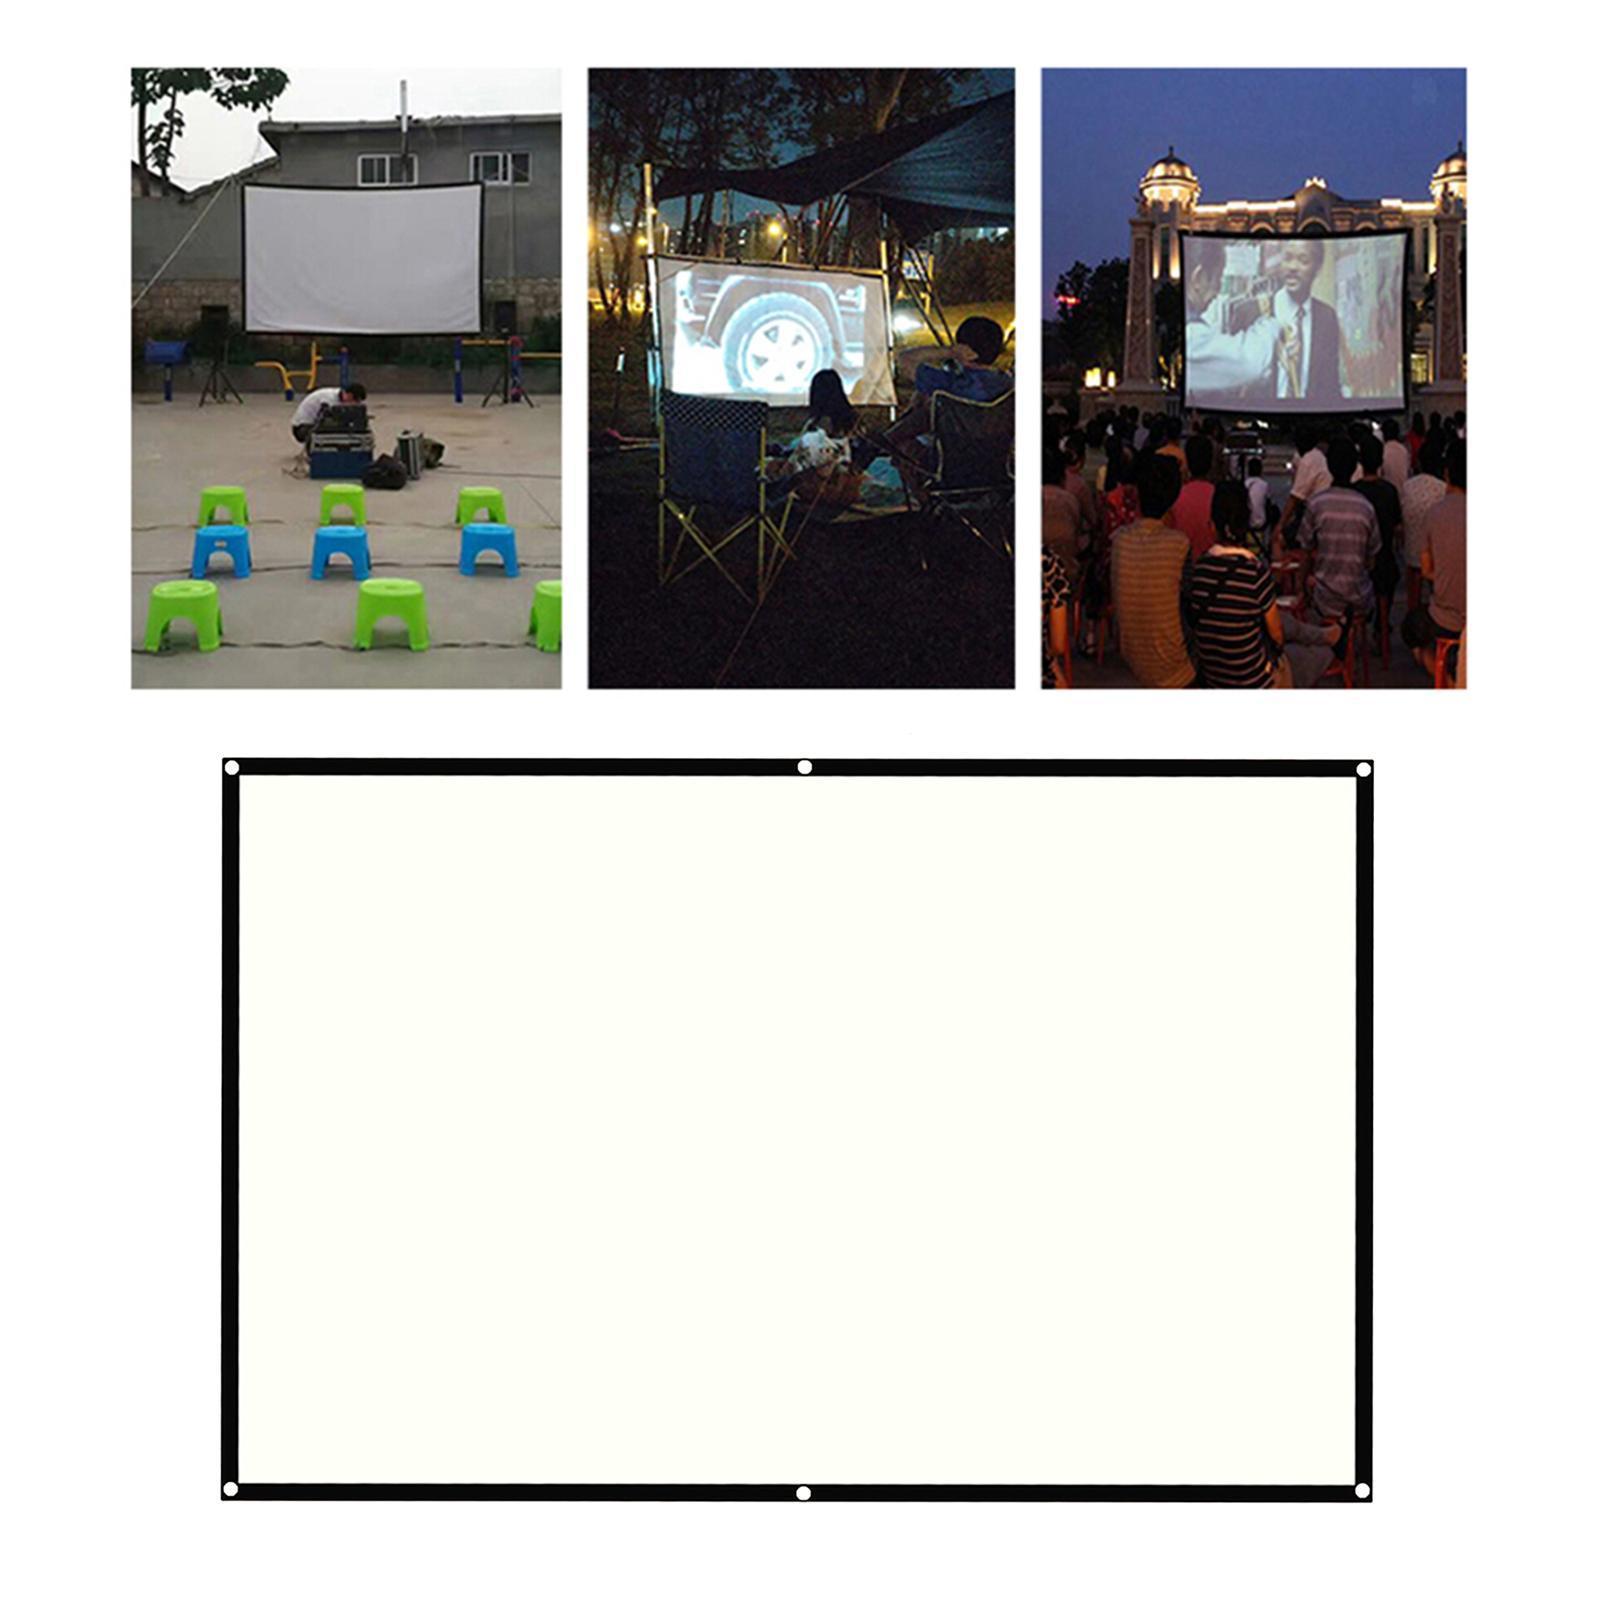 miniatura 6 - Schermo per proiettore portatile HD 16: 9 Proiezione home cinema per esterni